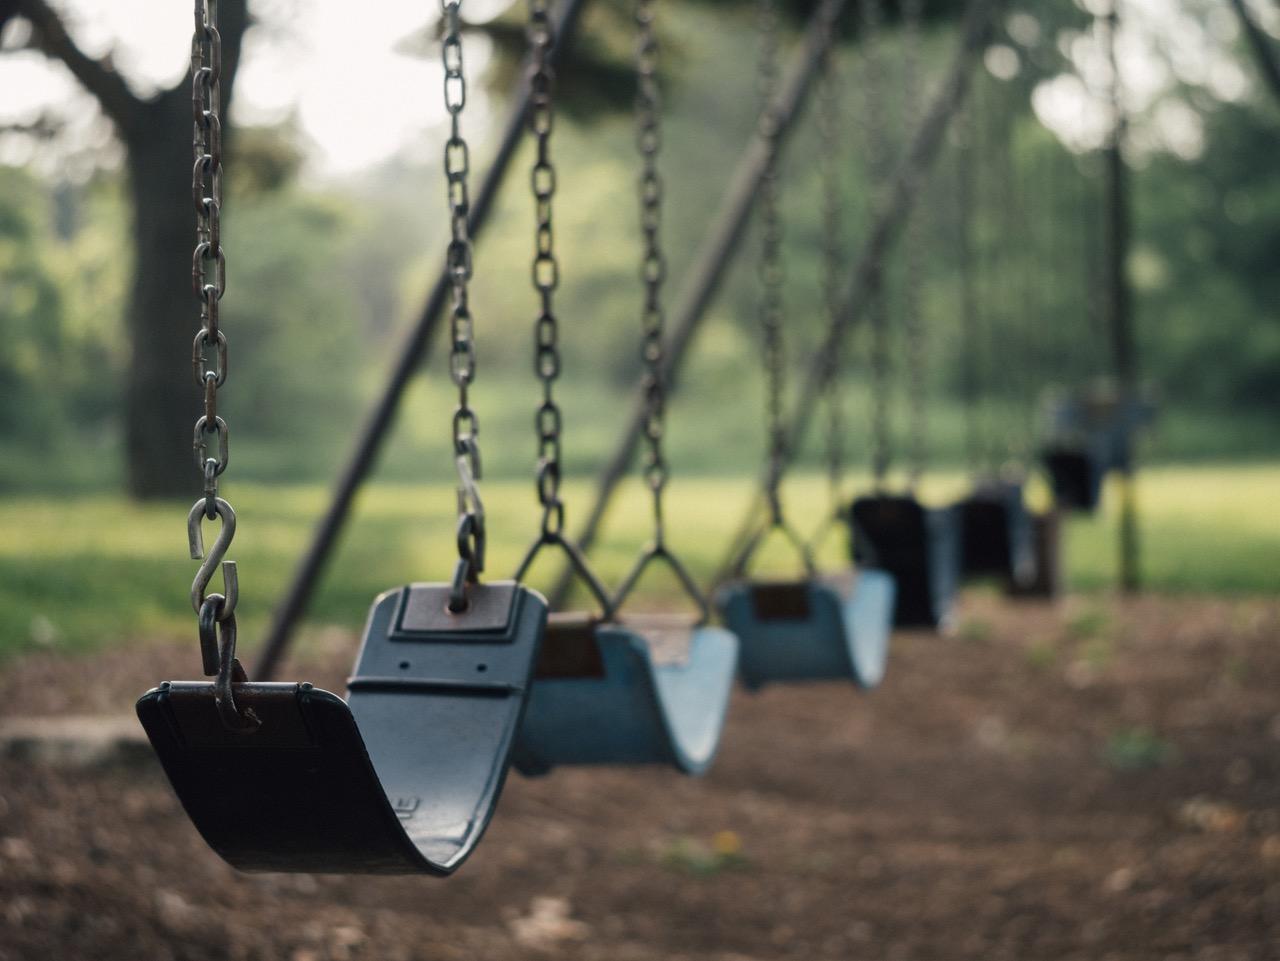 swings.jpeg